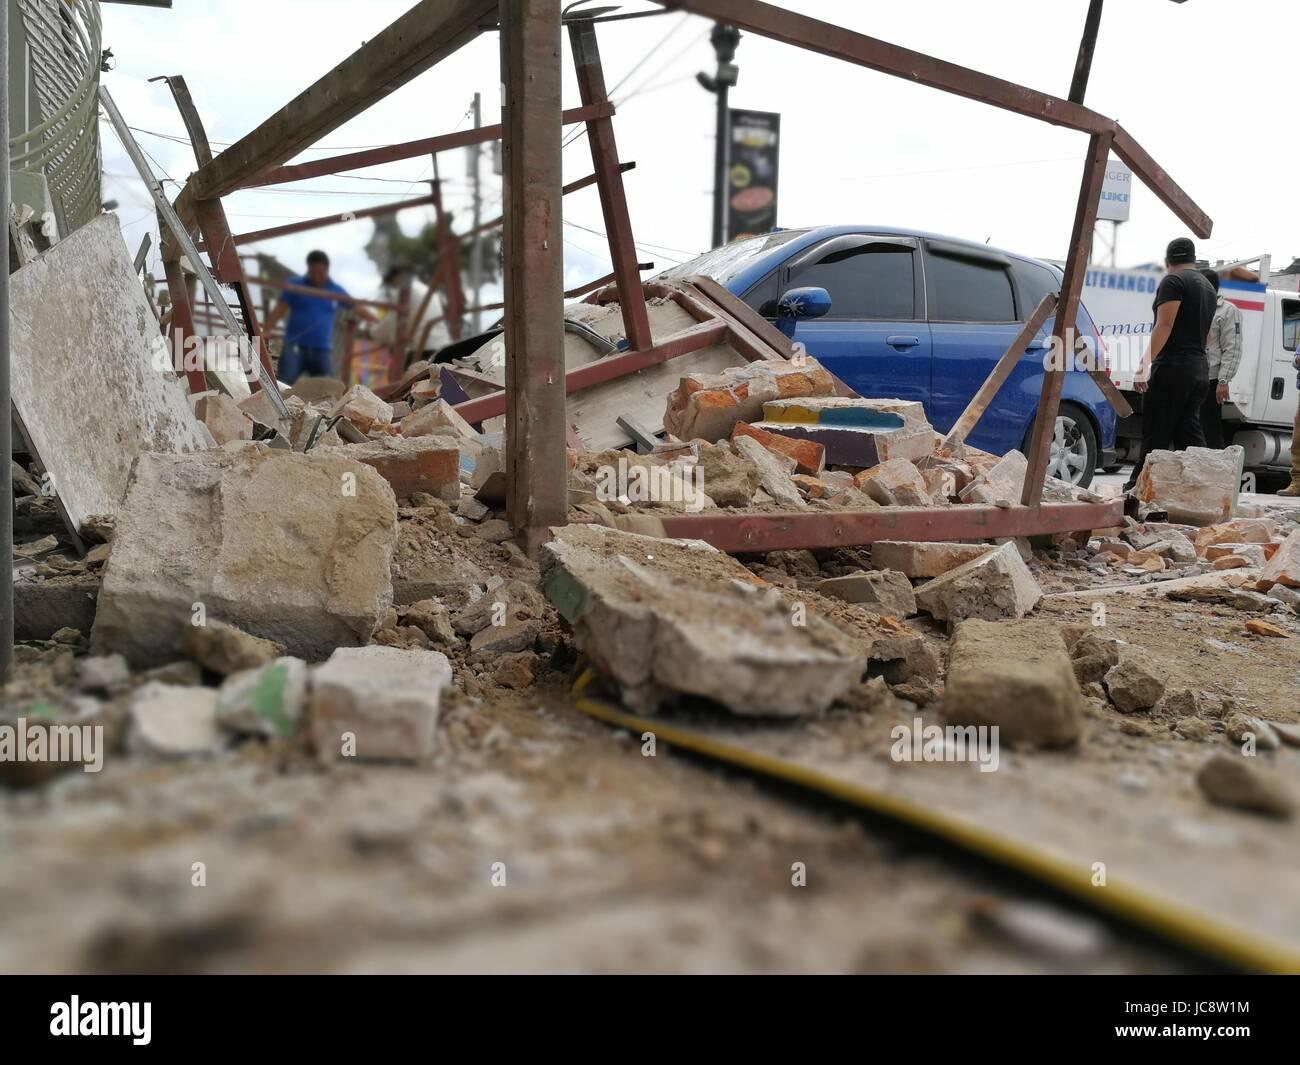 Quezaltenango, Guatemala. 14th June, 2017. Ruins are pictured after an earthquake in Quezaltenango, Guatemala, 14 - Stock Image